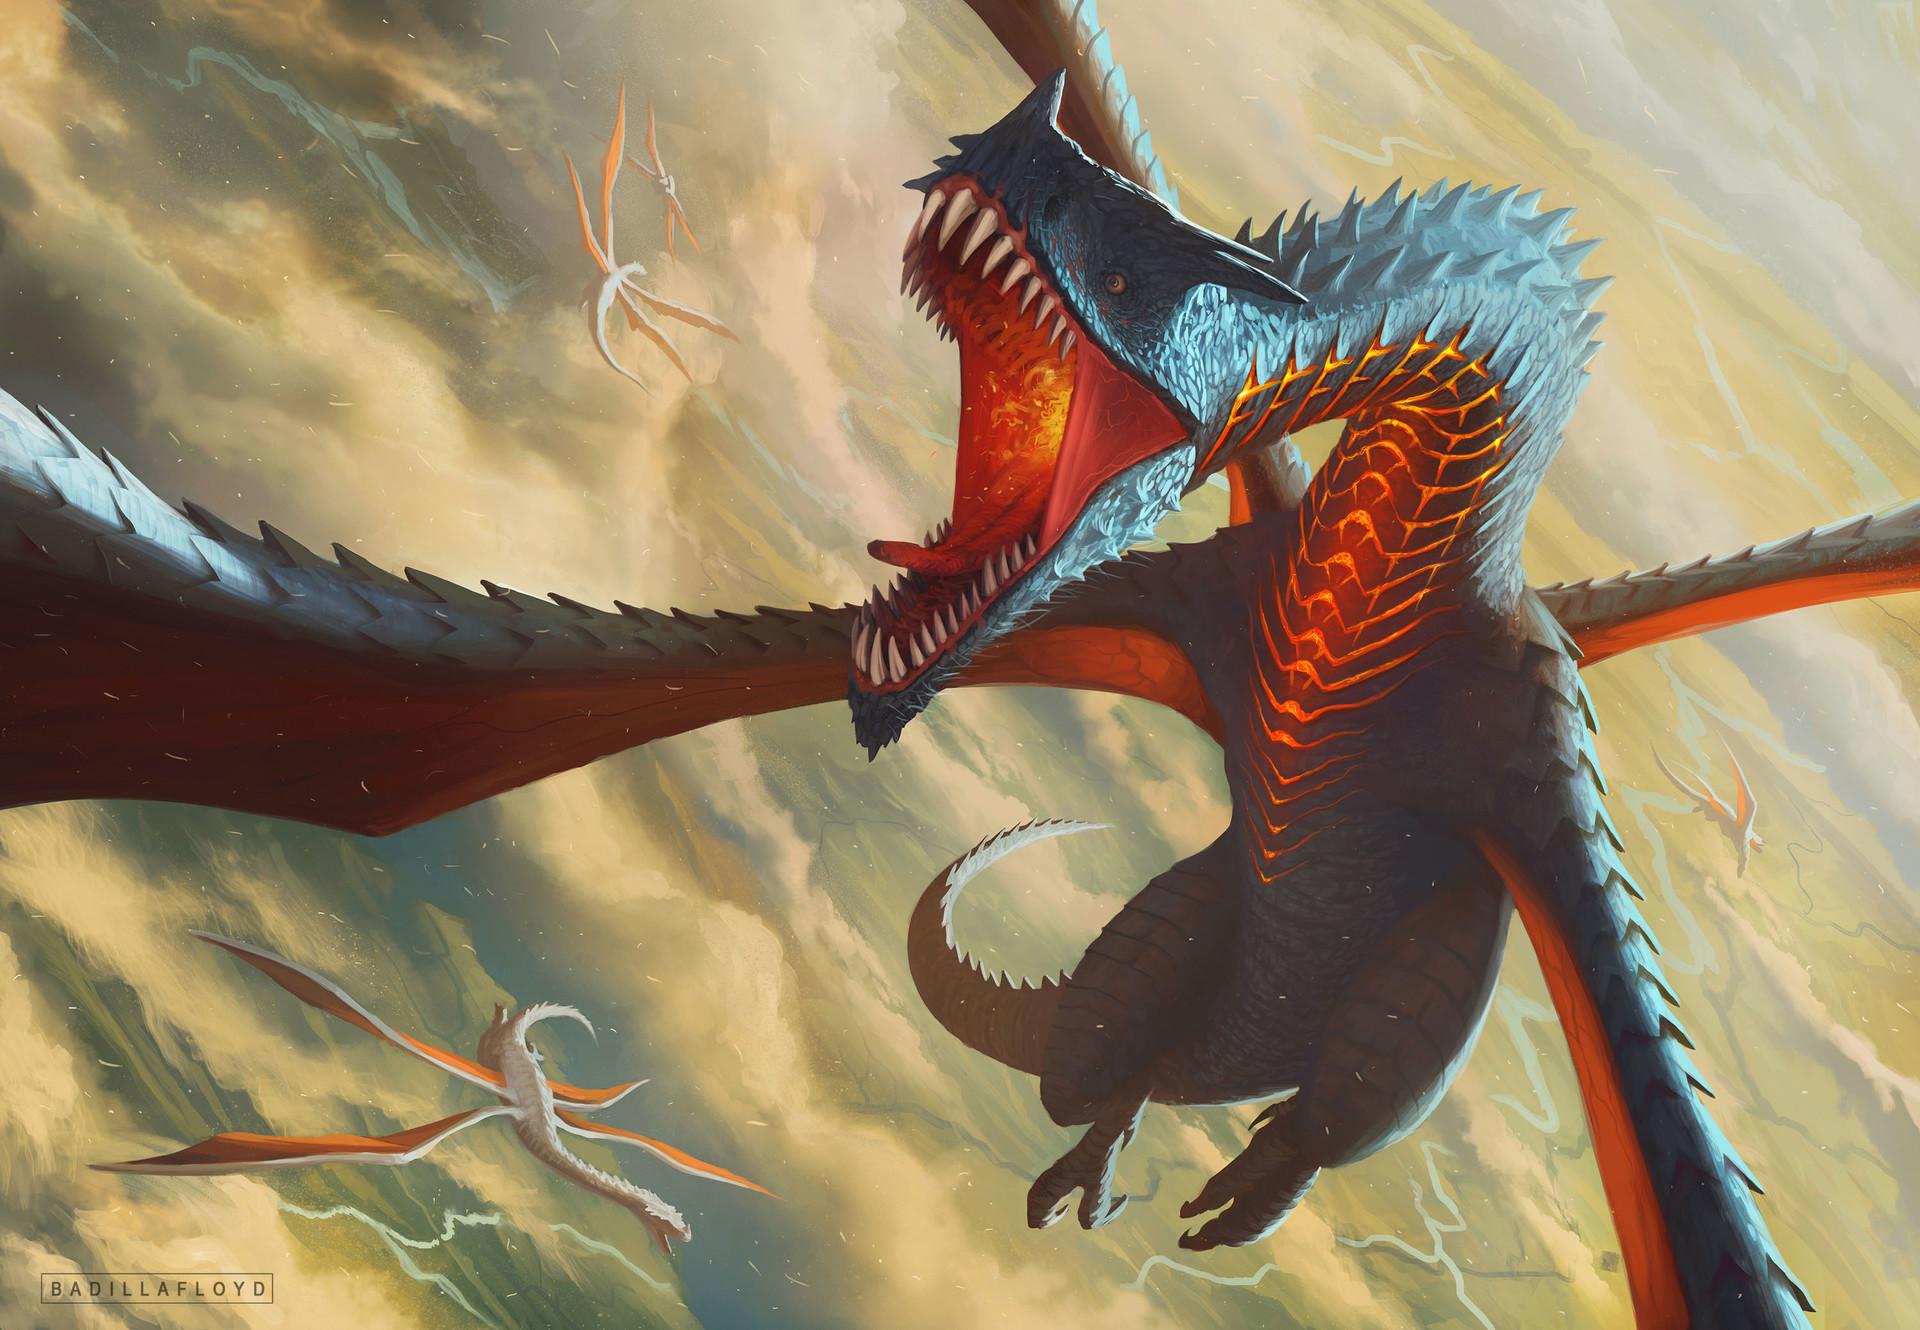 Francisco badilla clamor de dragon by badillafloyd d9eq0is